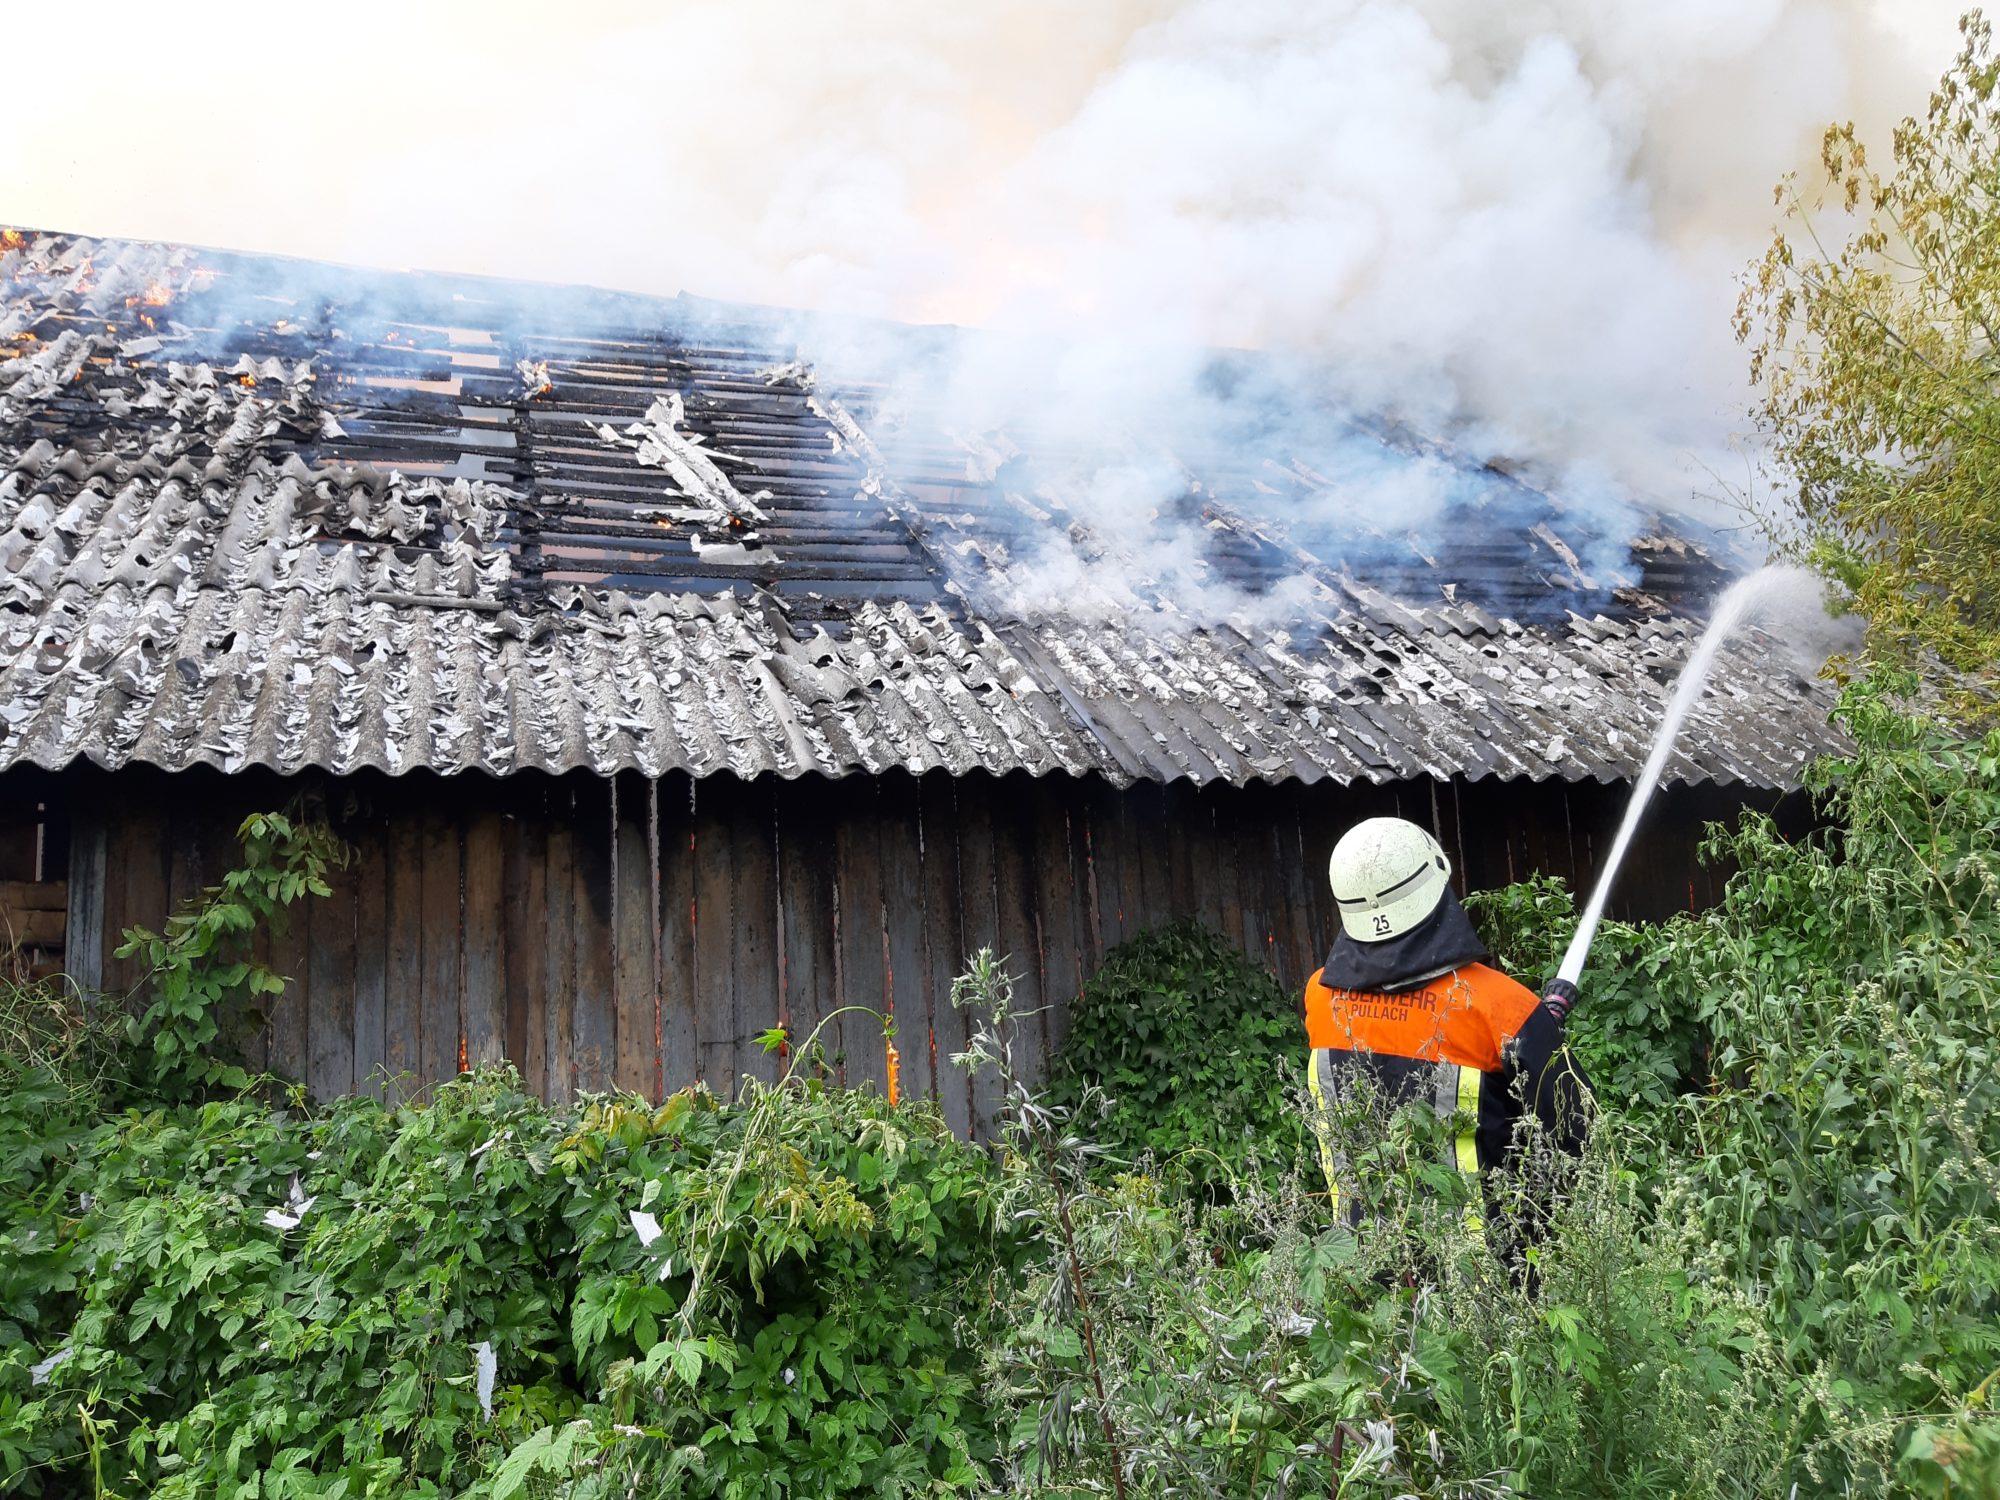 20190717_184017-2000x1500 У Березані згоріла будівля колишньої їдальні